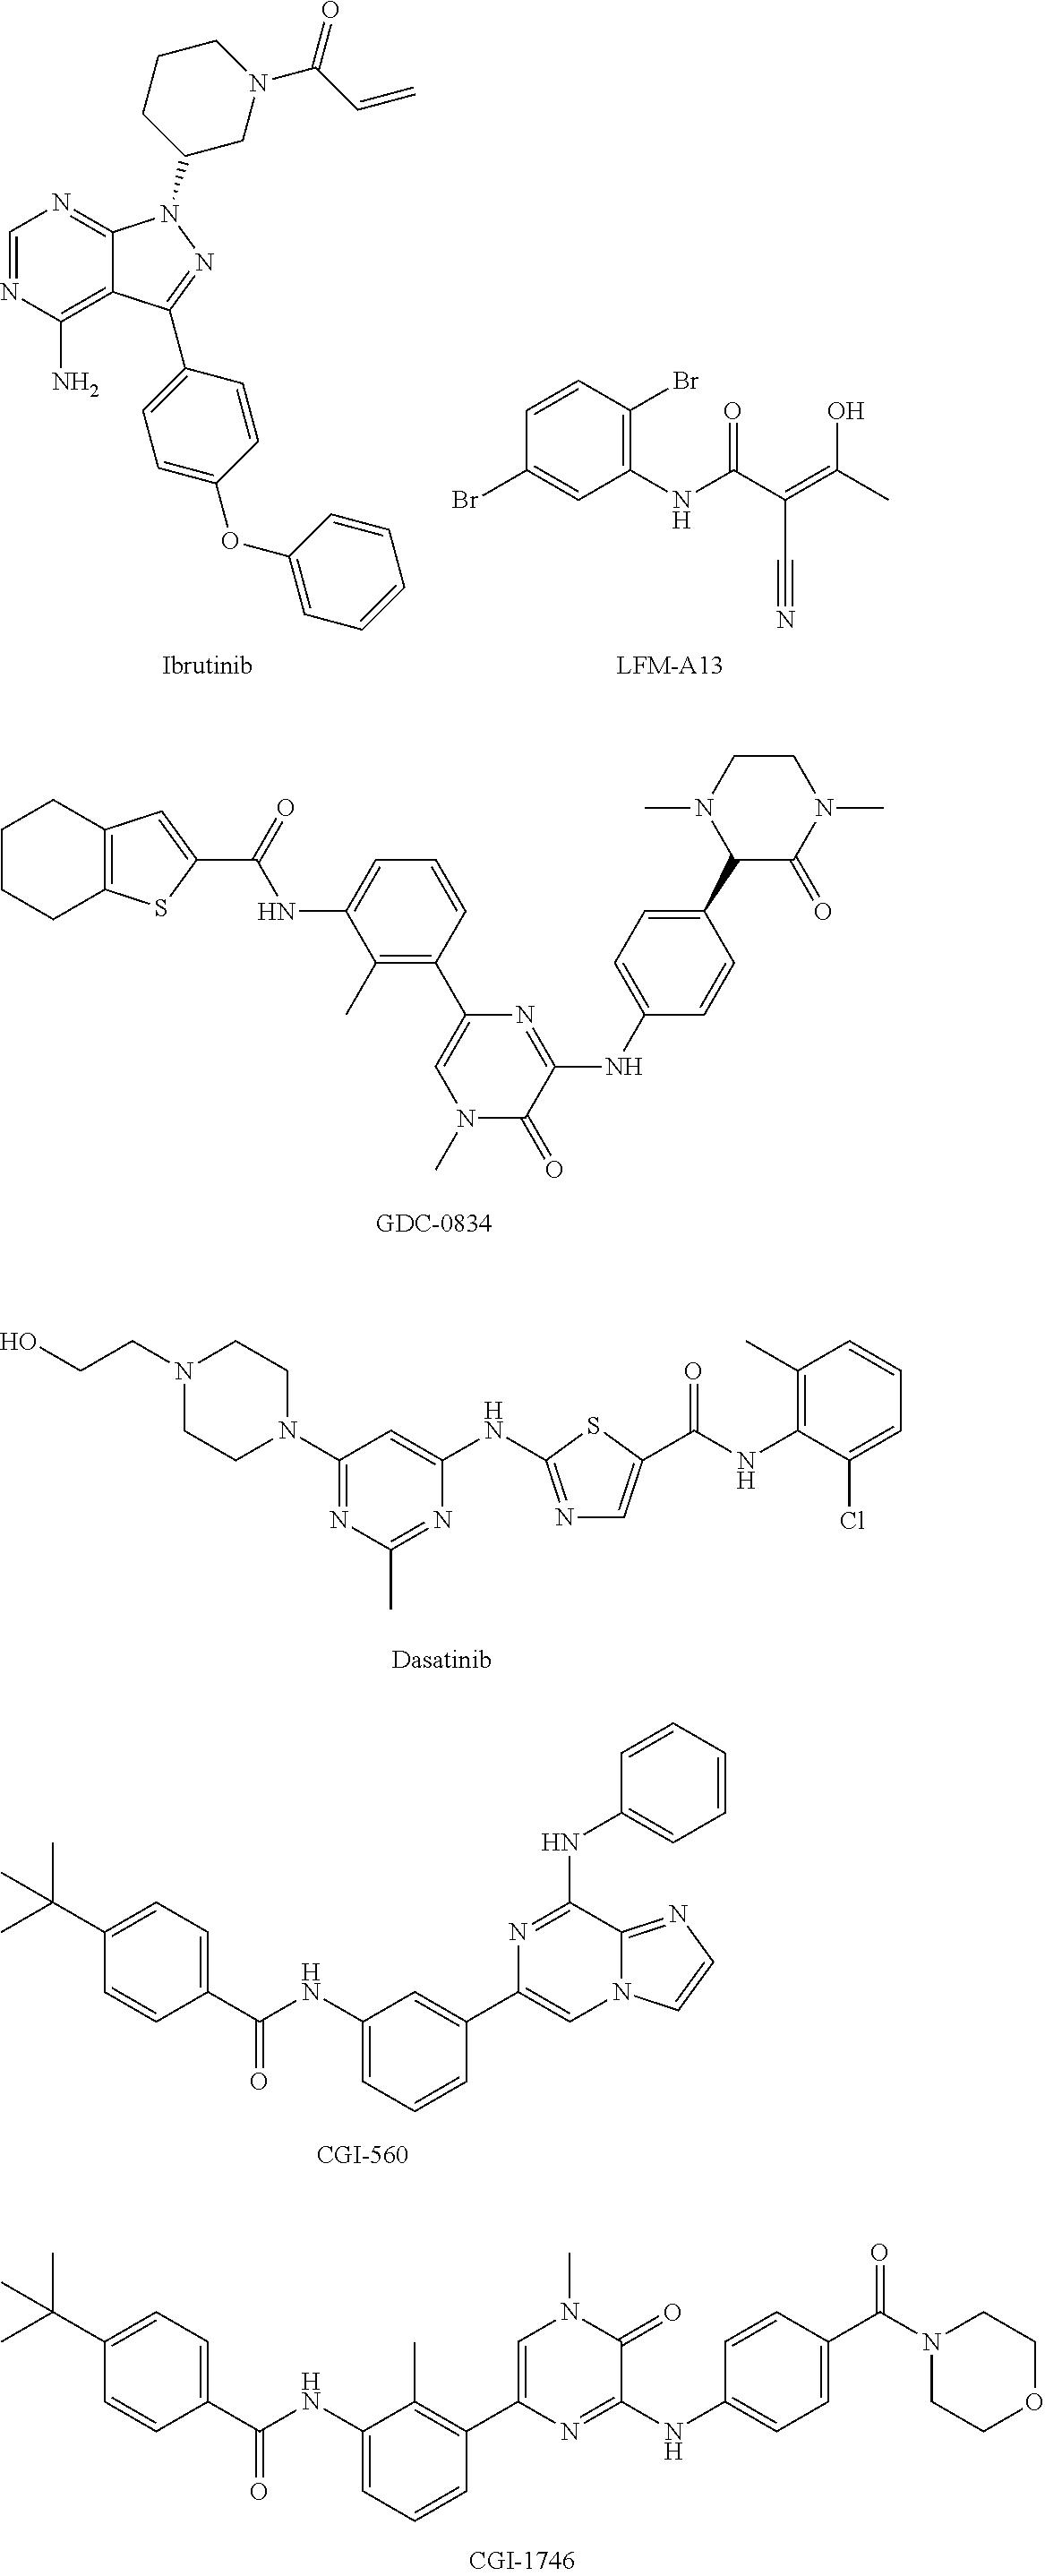 Figure US09694023-20170704-C00001